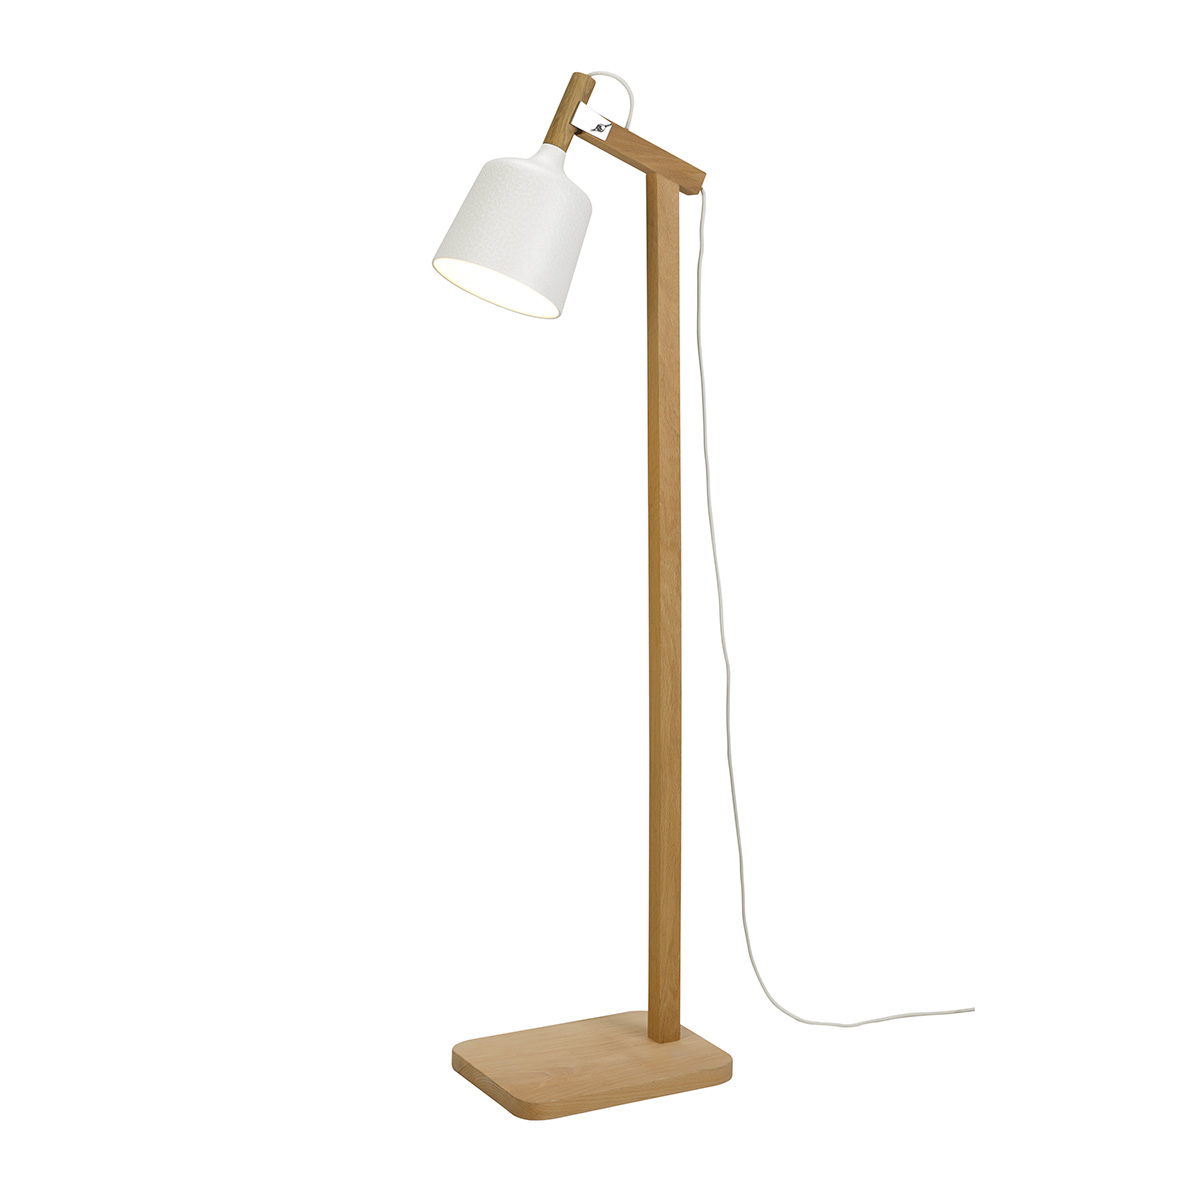 Μοντέρνο φωτιστικό δαπεδου DUO modern floor lamp